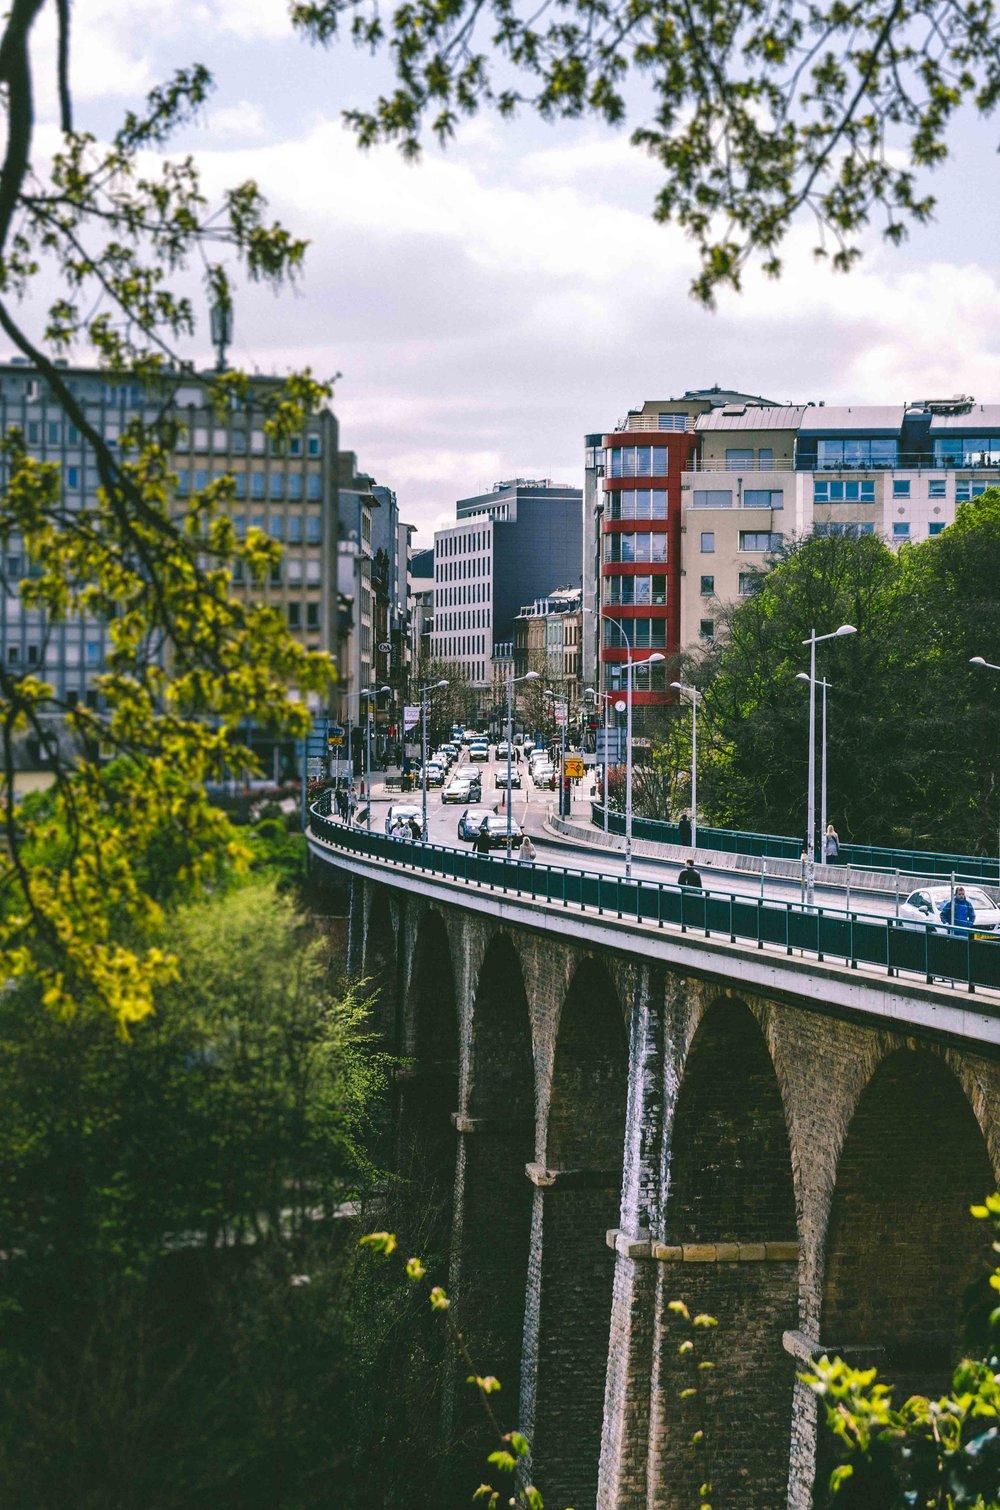 La Passerelle bridge